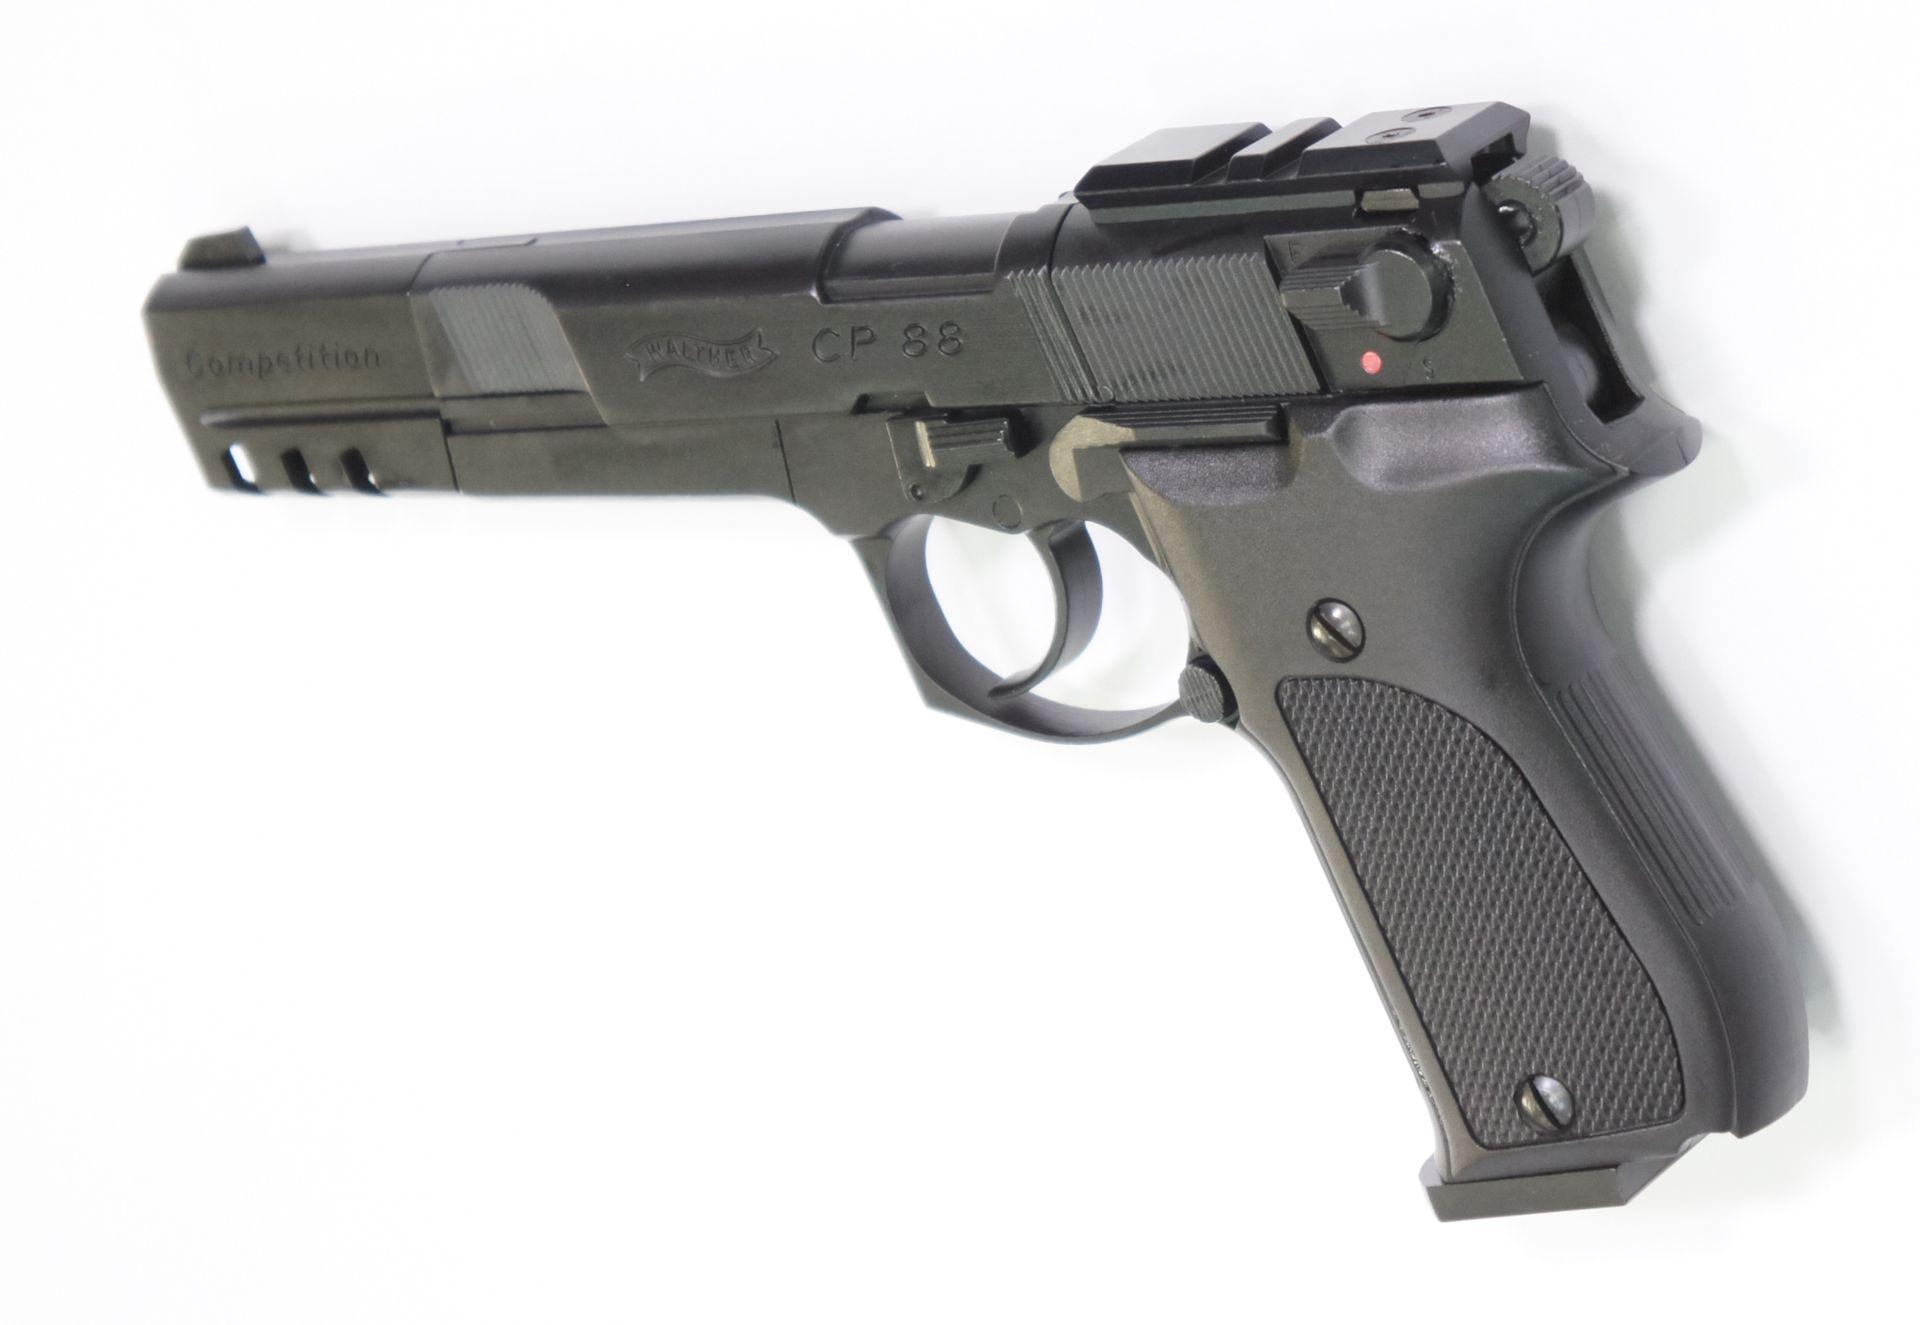 Montagebeispiel der neuen Generation auf   <a href=1050062.htm> CO2 Pistole Walther CP88 Competition, schwarz</a>